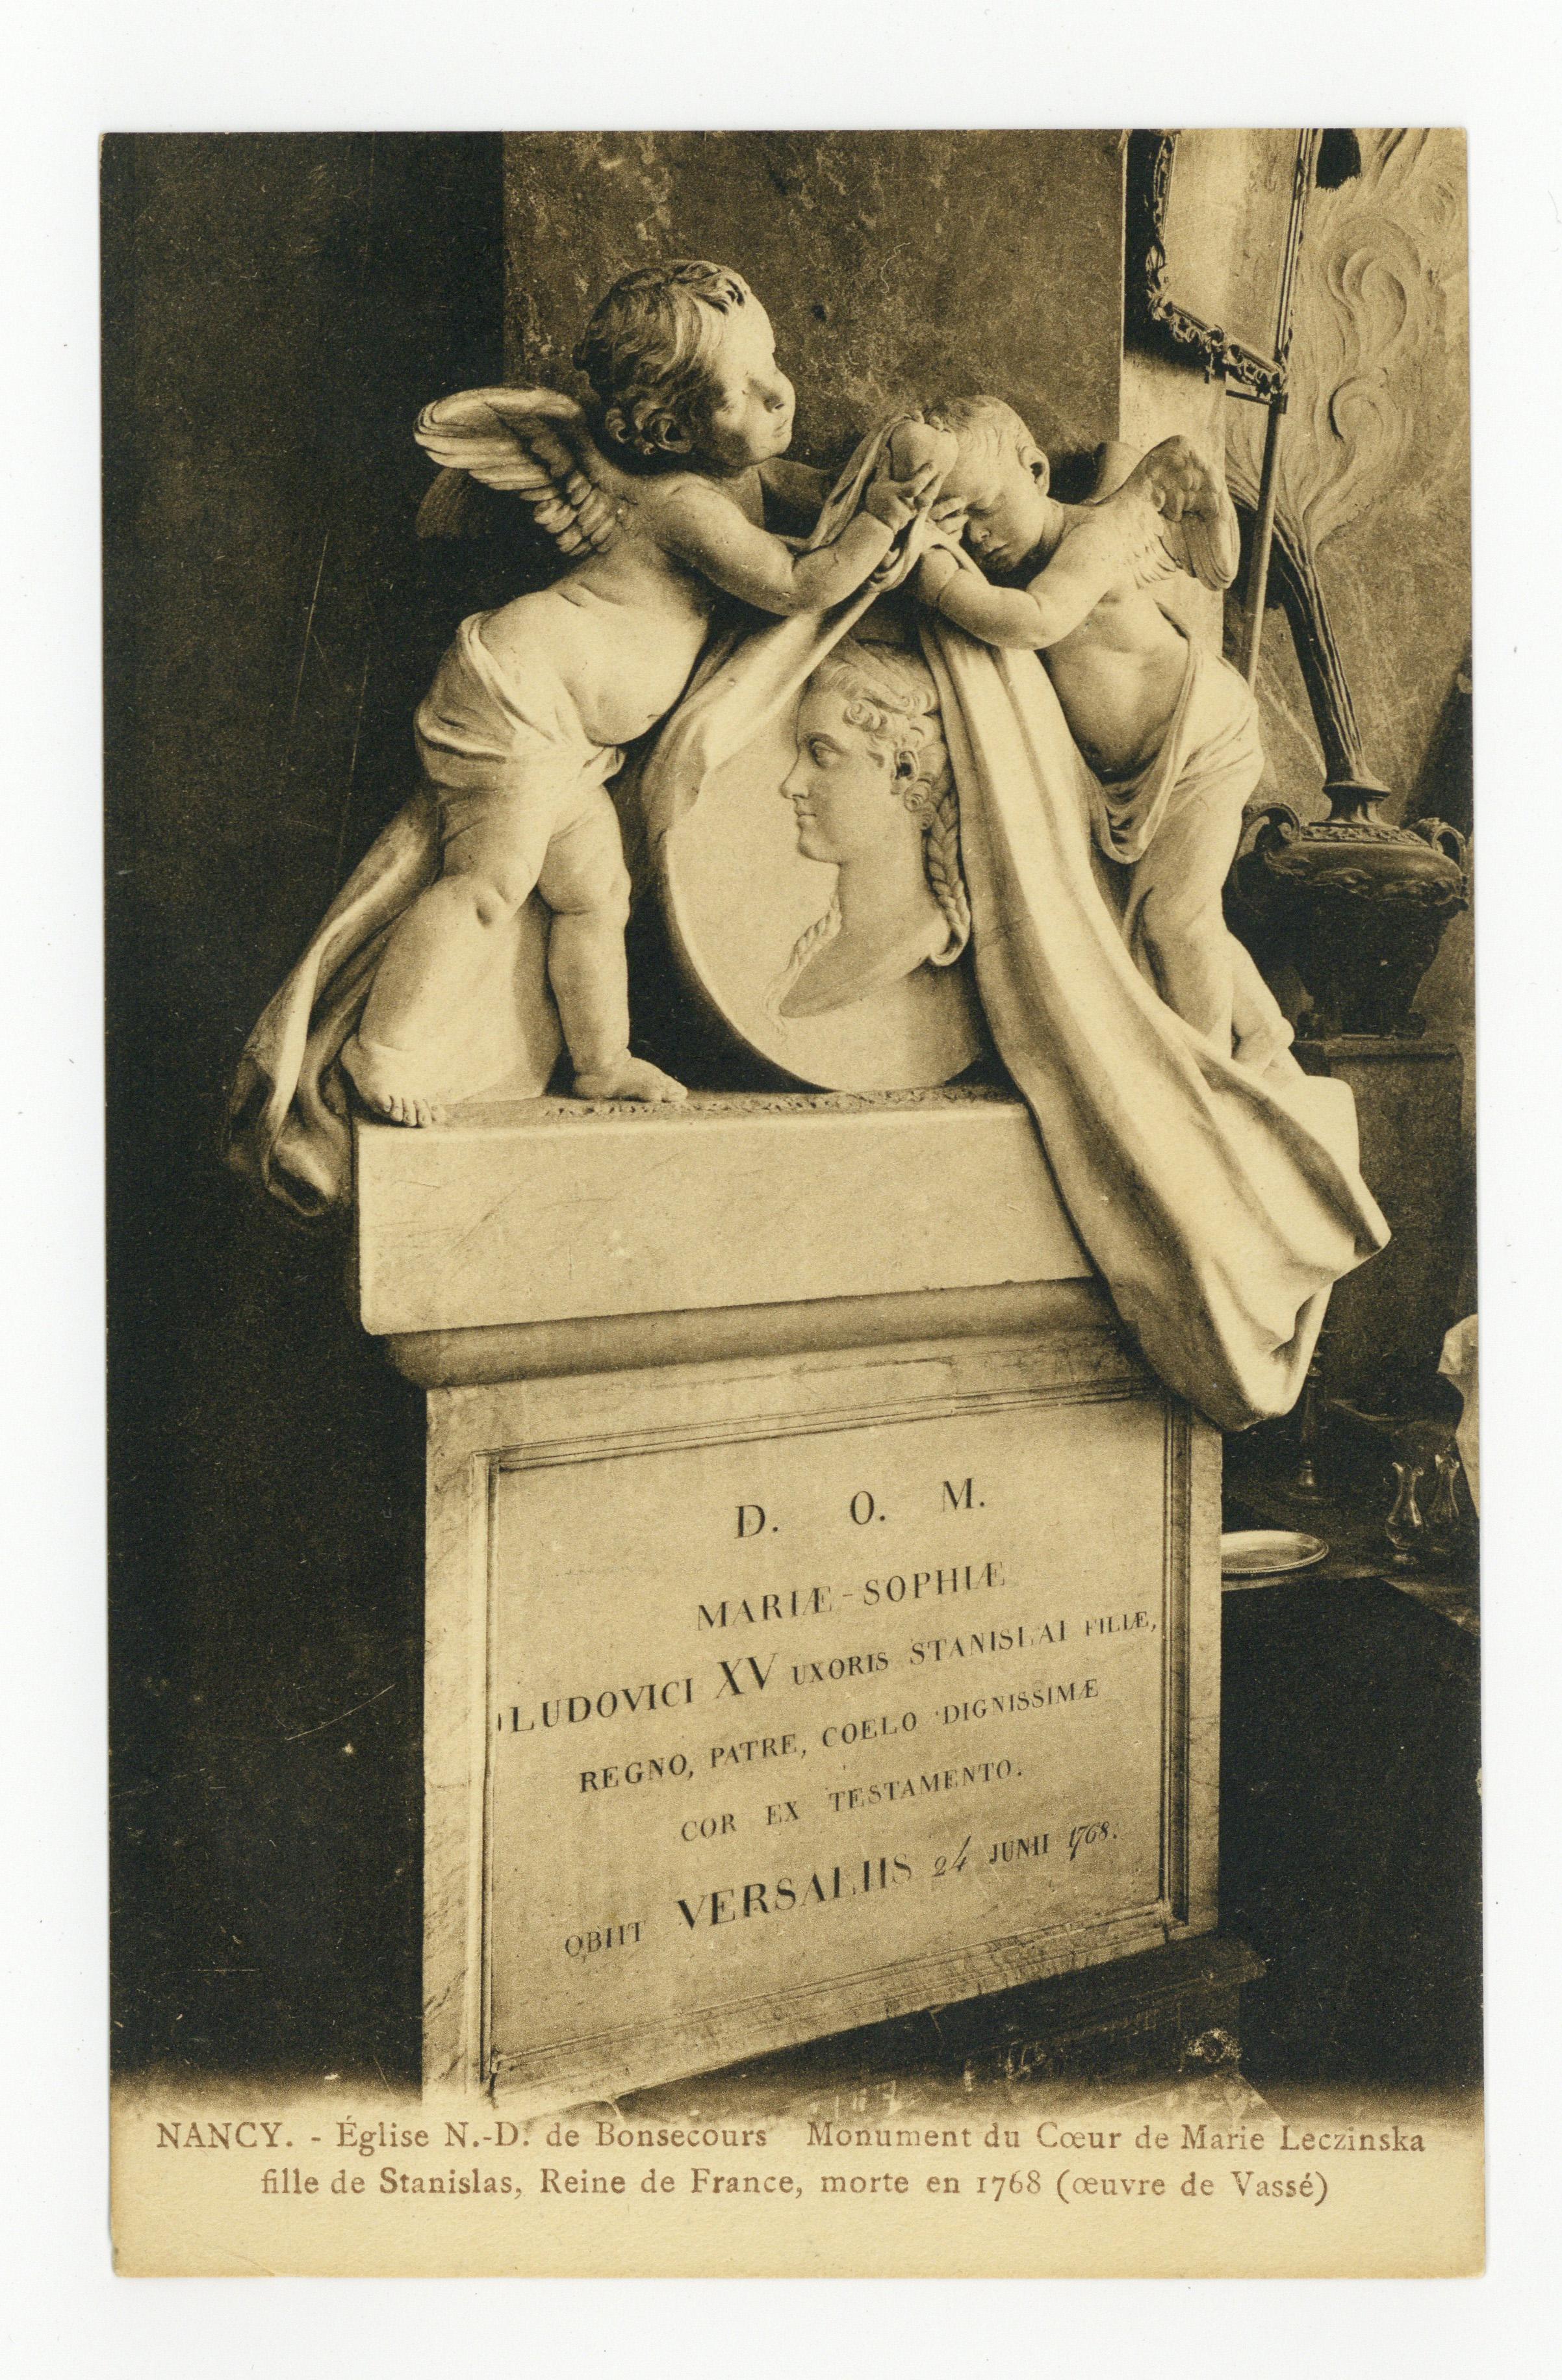 Contenu du Nancy : église N.-D. de Bonsecours, Monument du Cœur de Marie Leczinska fille de Stanislas, Reine de France, morte en 1768 (Œuvre de Vassé)